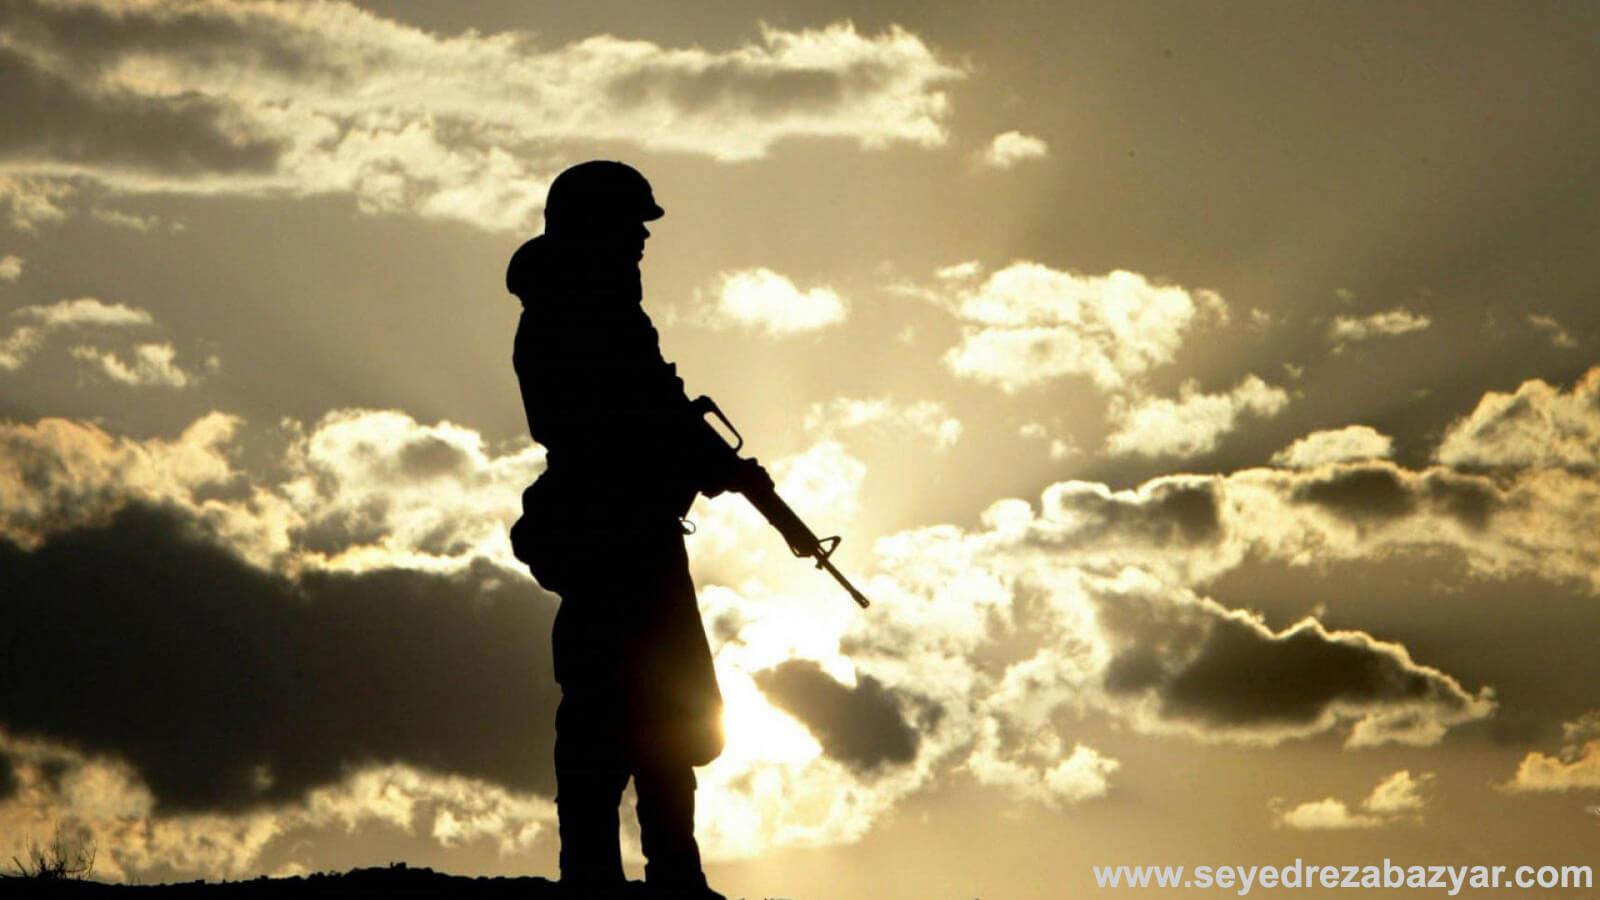 با سربازی رفتن مرد نمیشید، فقط بی تفاوت میشید.